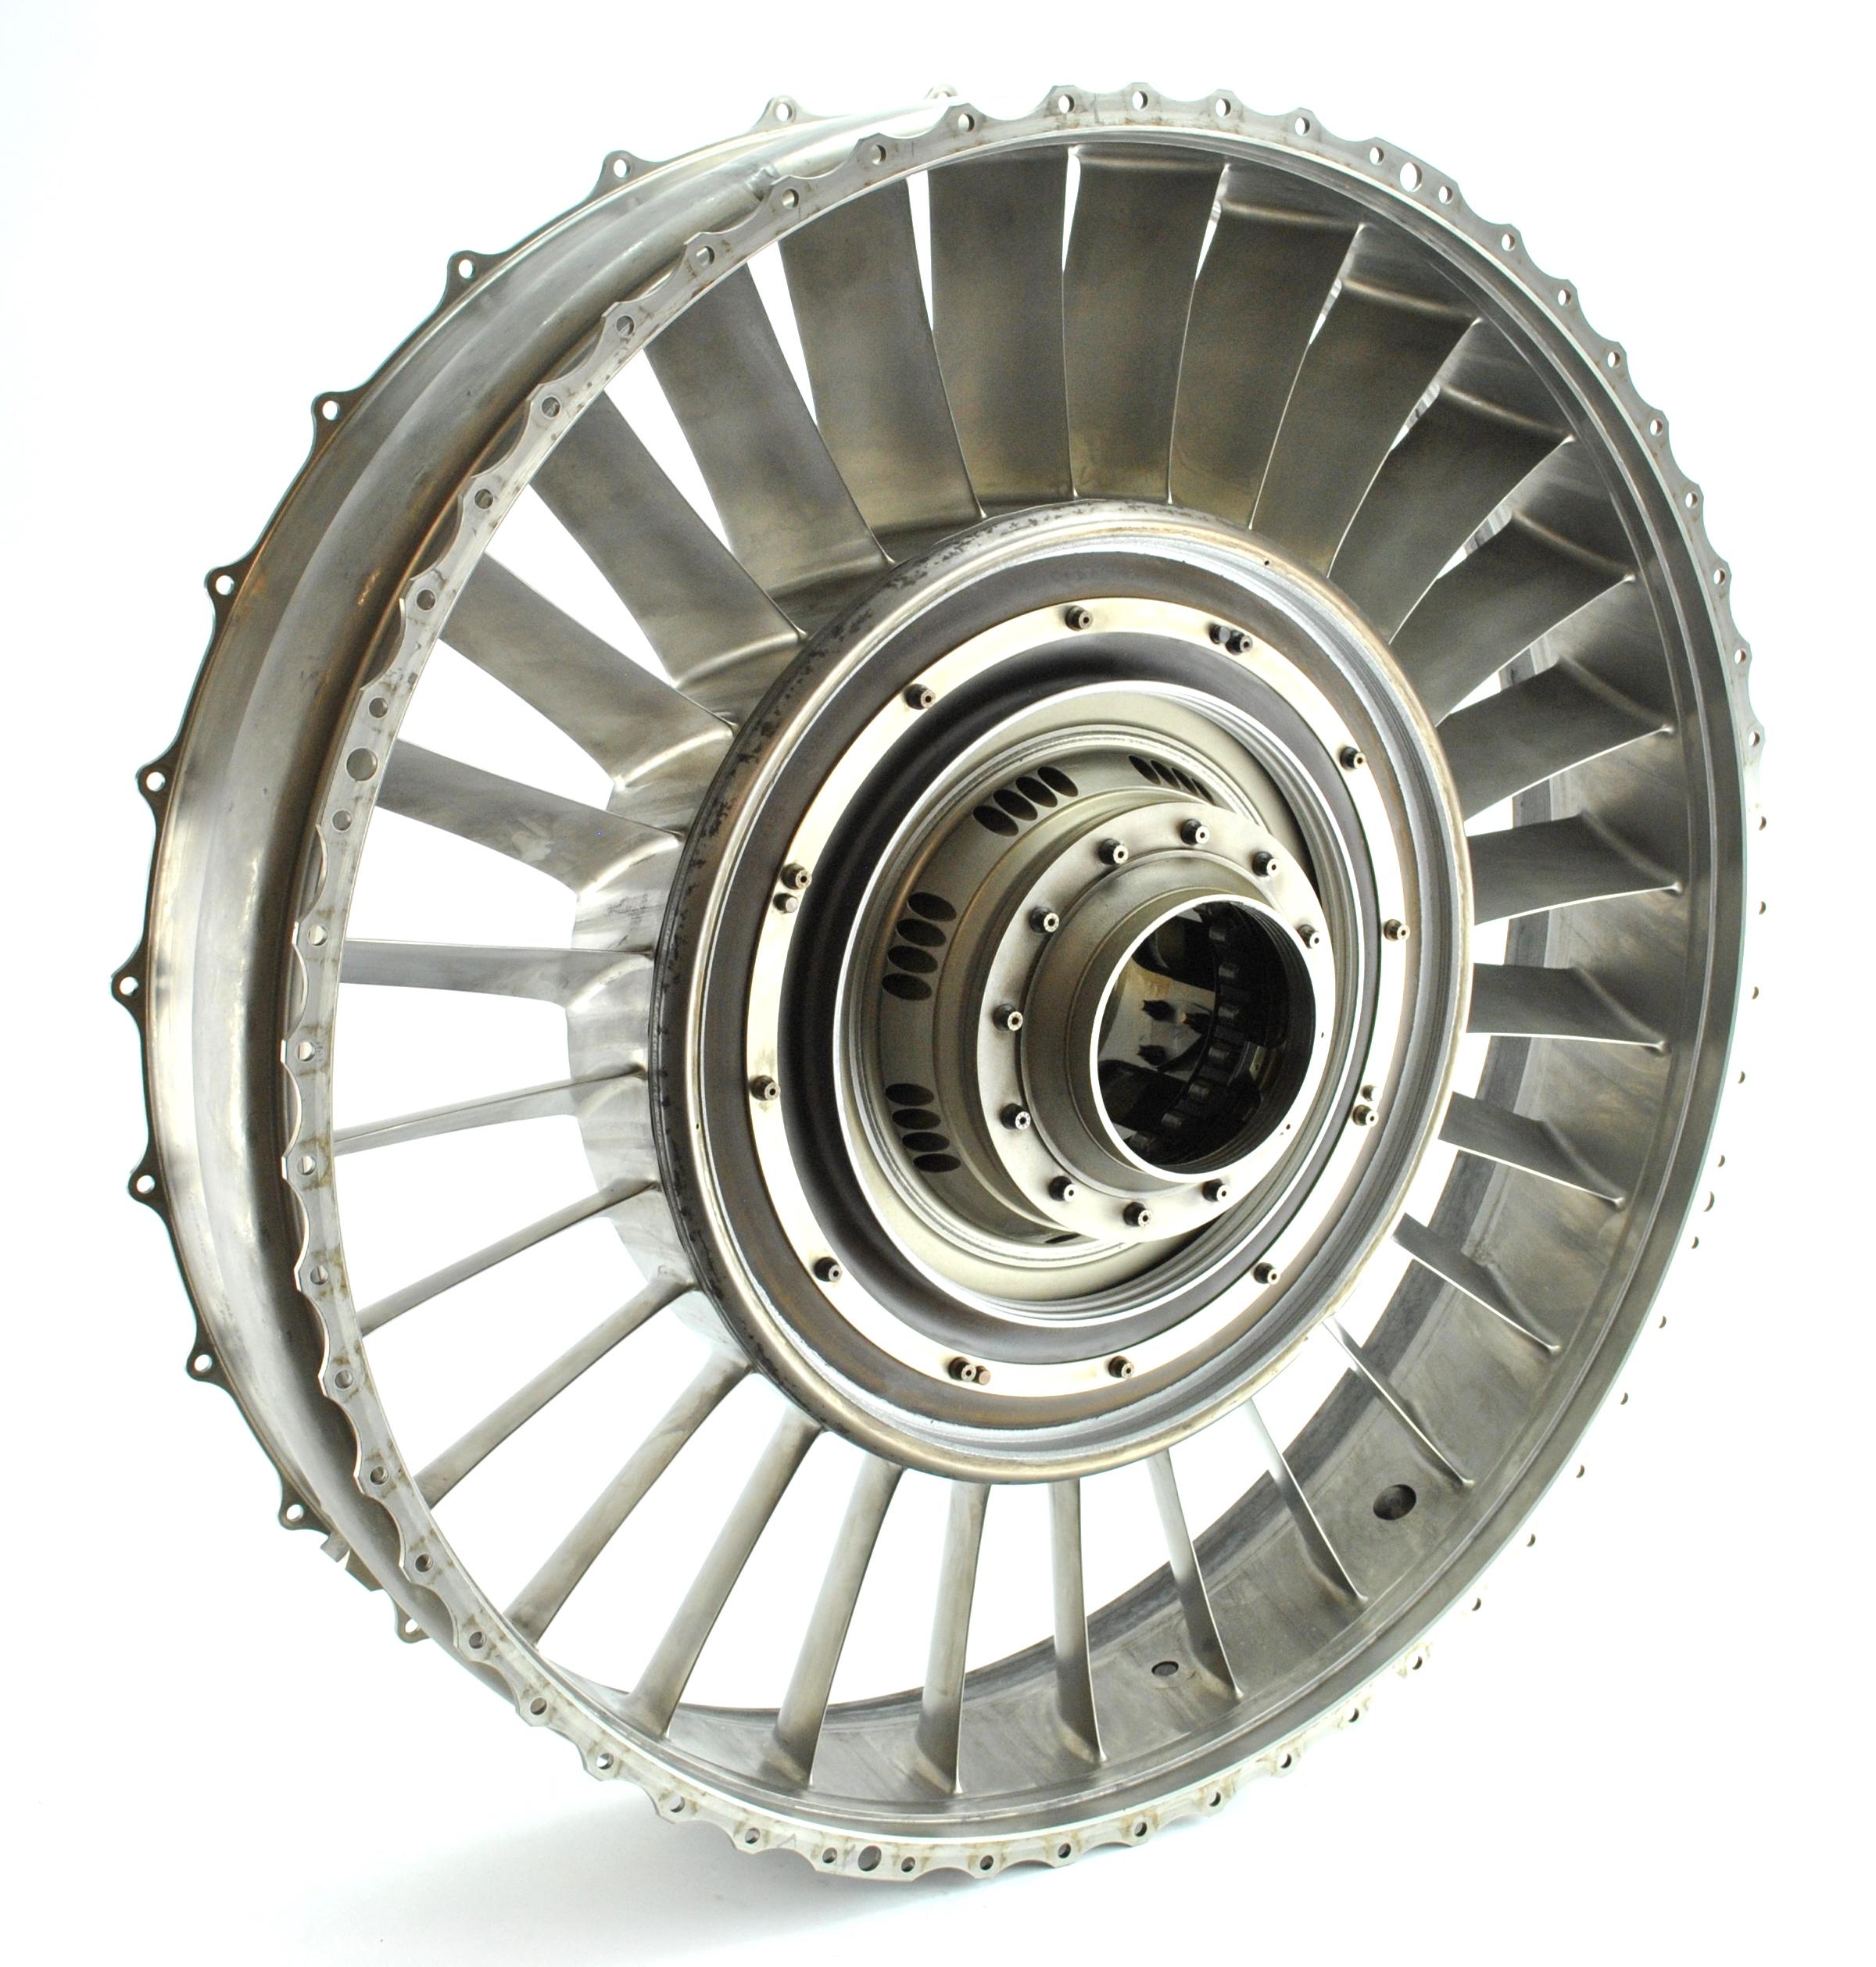 Titanium engine vane